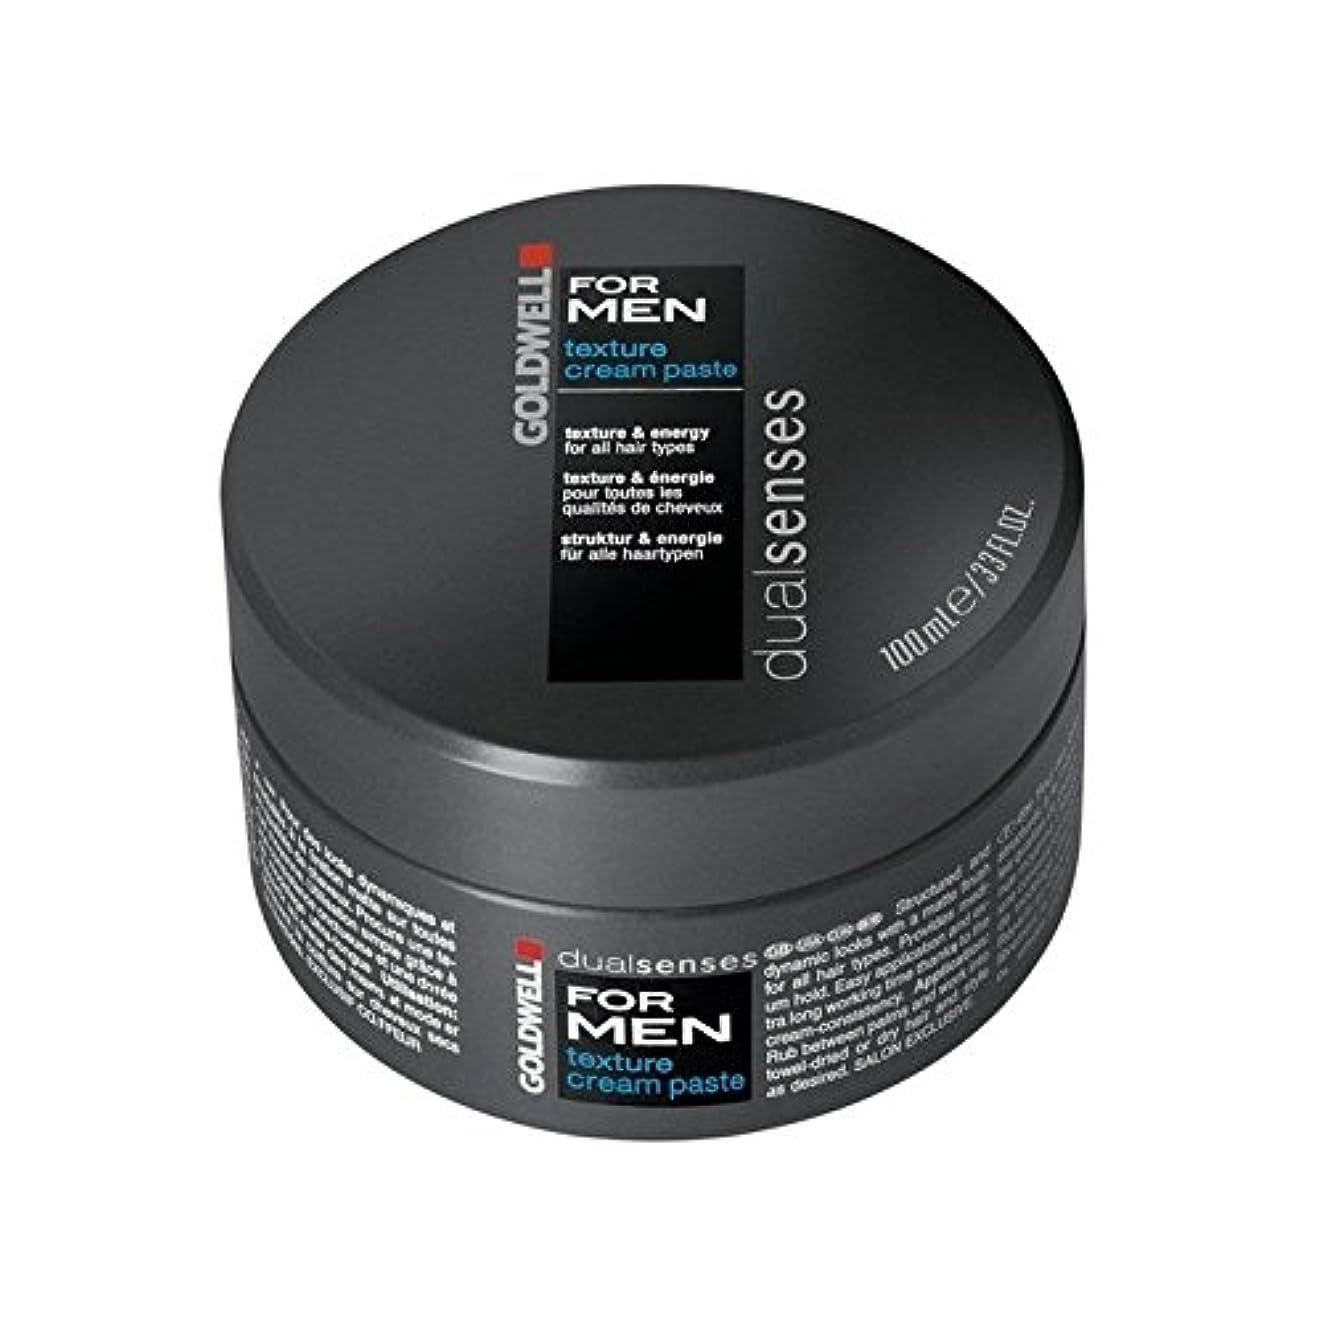 交換可能以下スケートGoldwell Dualsenses For Men Texture Cream Paste (100ml) (Pack of 6) - 男性のテクスチャーのクリームペースト(100ミリリットル)のためのの x6 [並行輸入品]